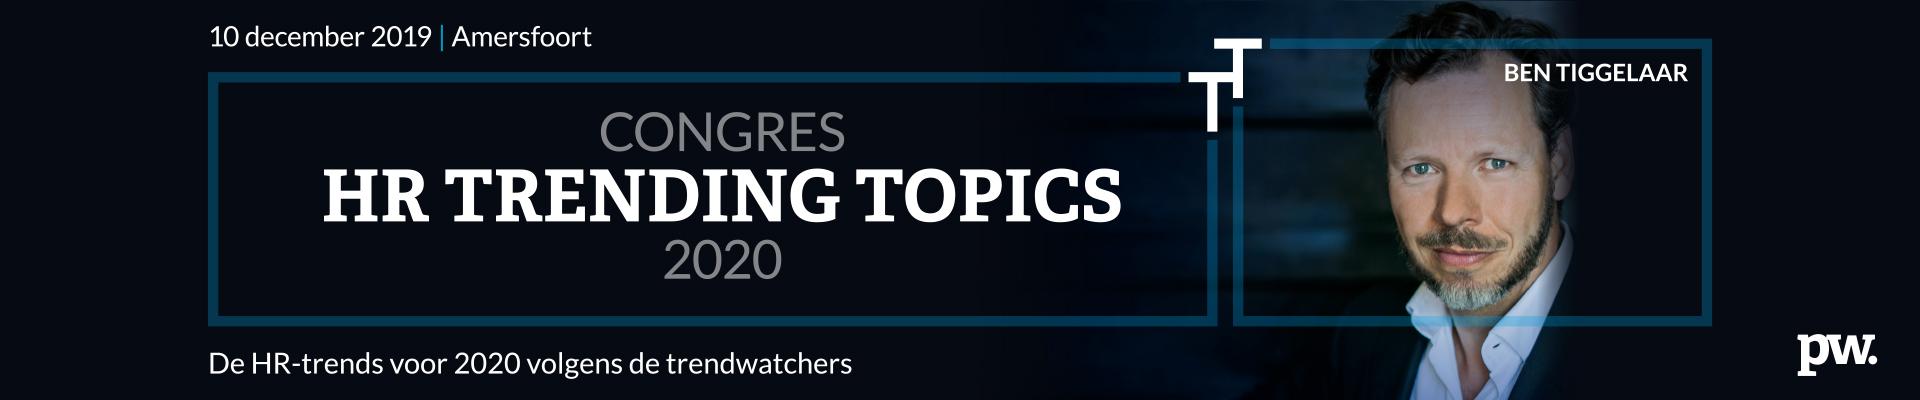 Congres HR Trending Topics 2019